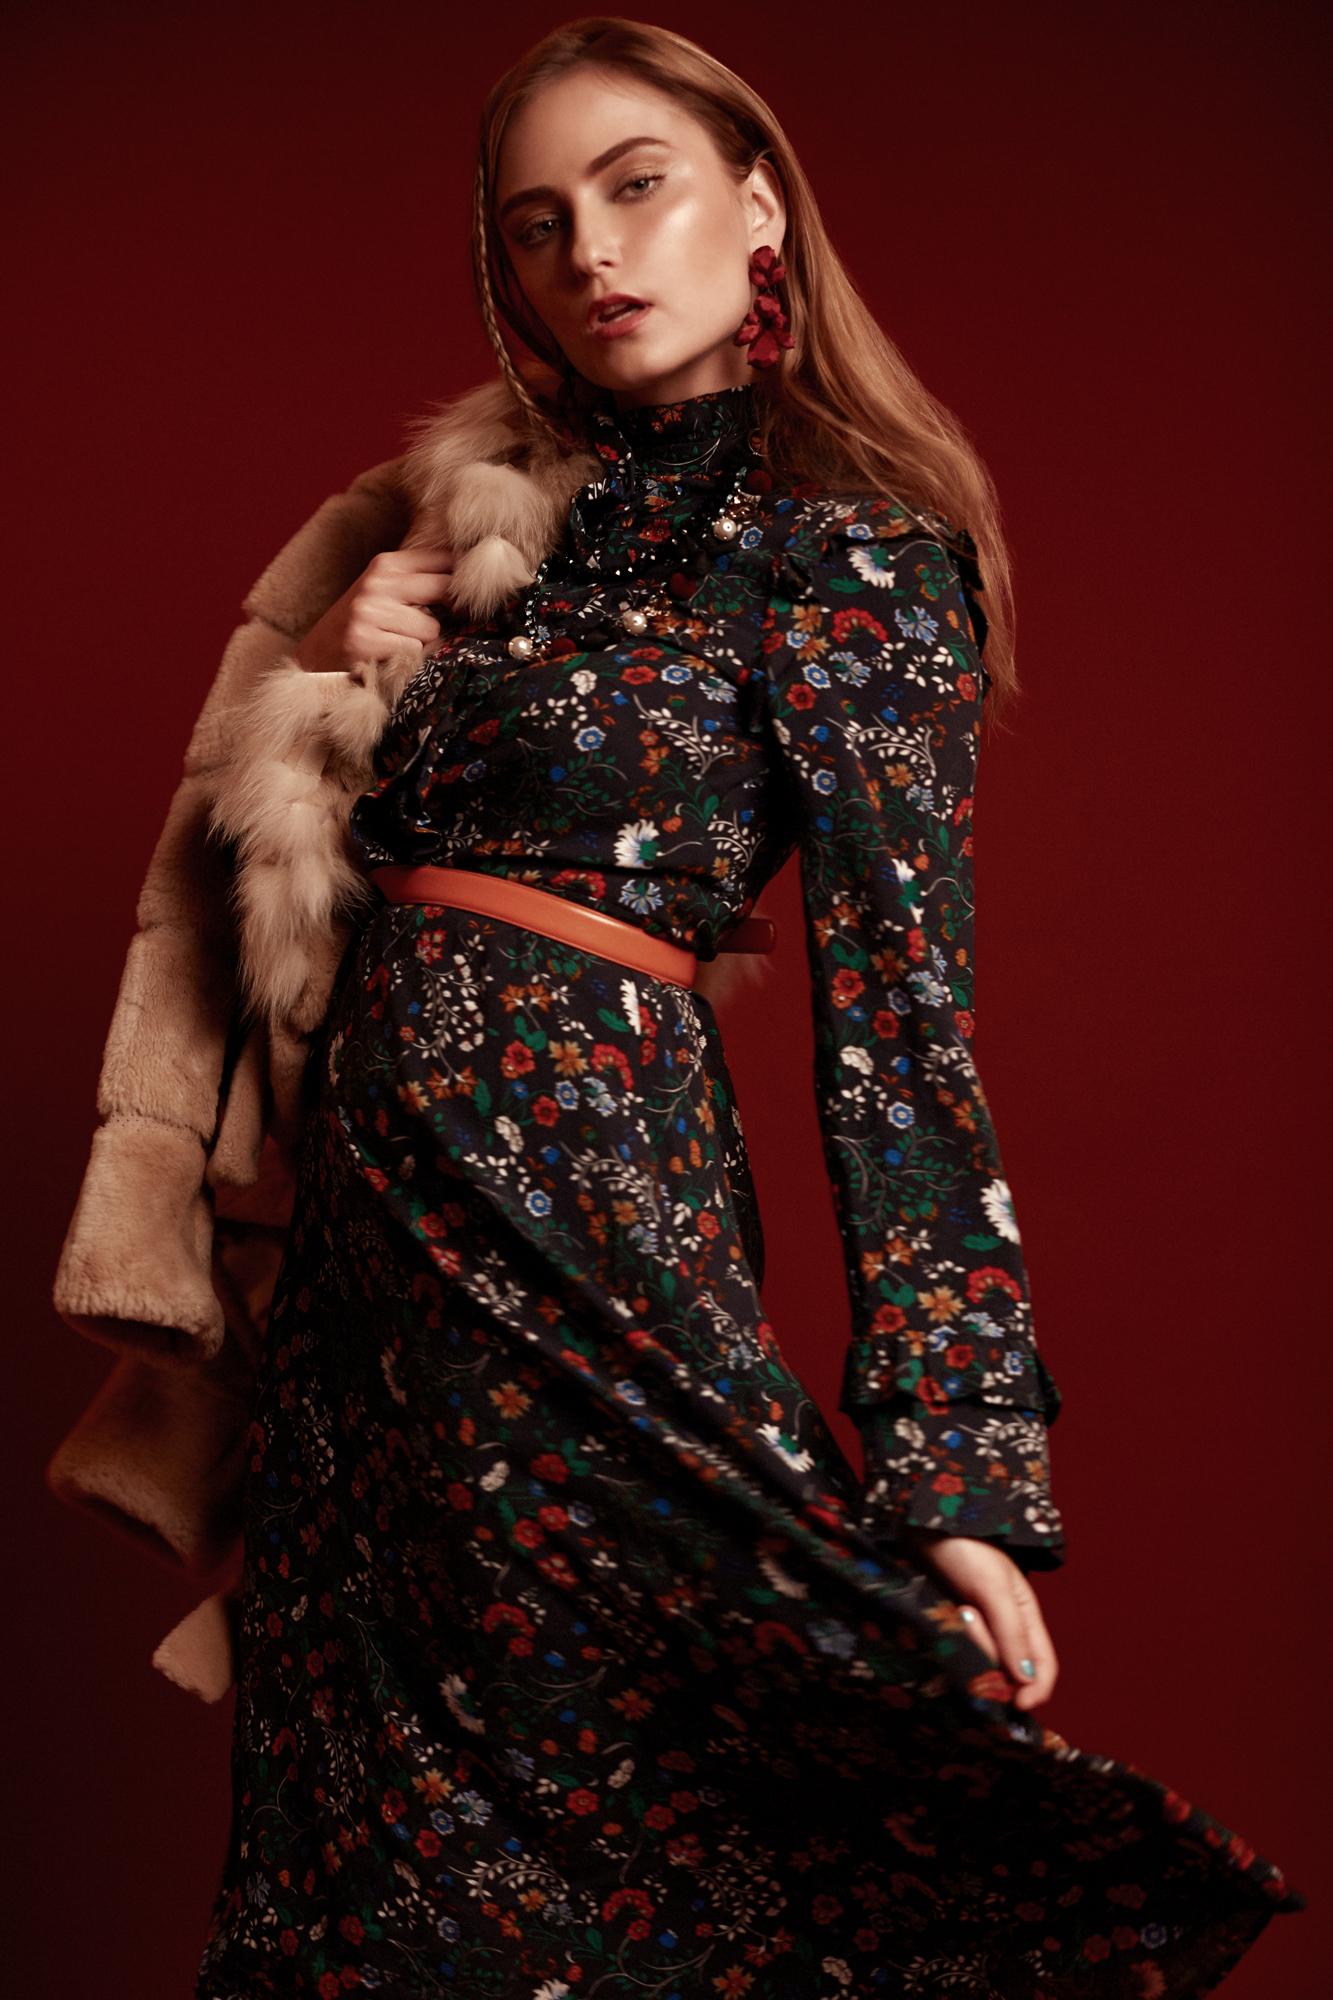 Vera-Fashion-Shoot03687.jpg